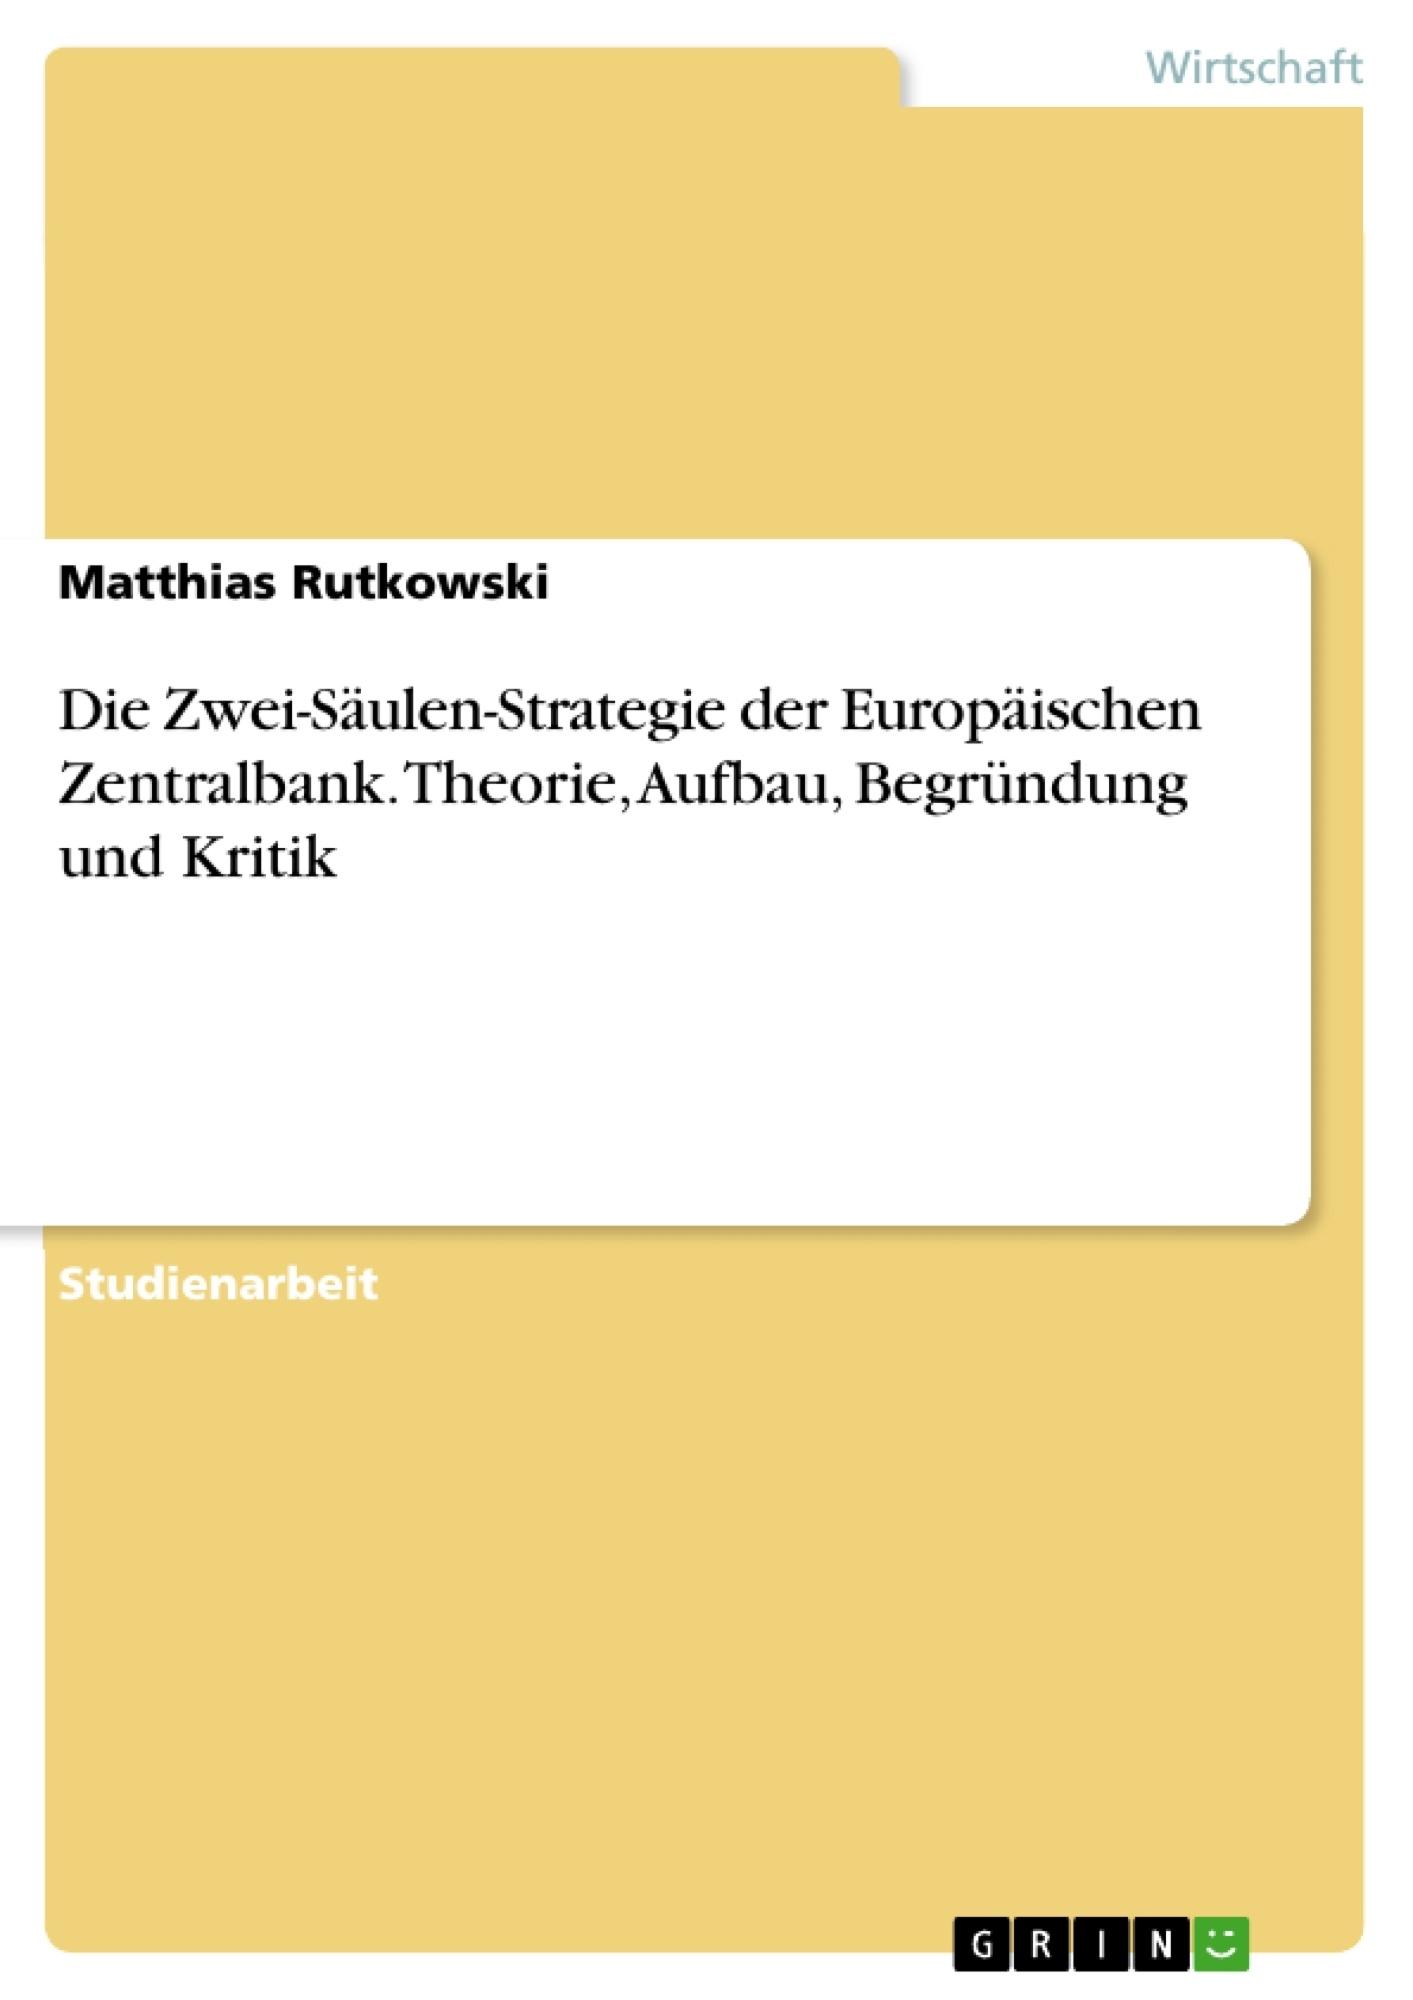 Titel: Die Zwei-Säulen-Strategie der Europäischen Zentralbank. Theorie, Aufbau, Begründung und Kritik